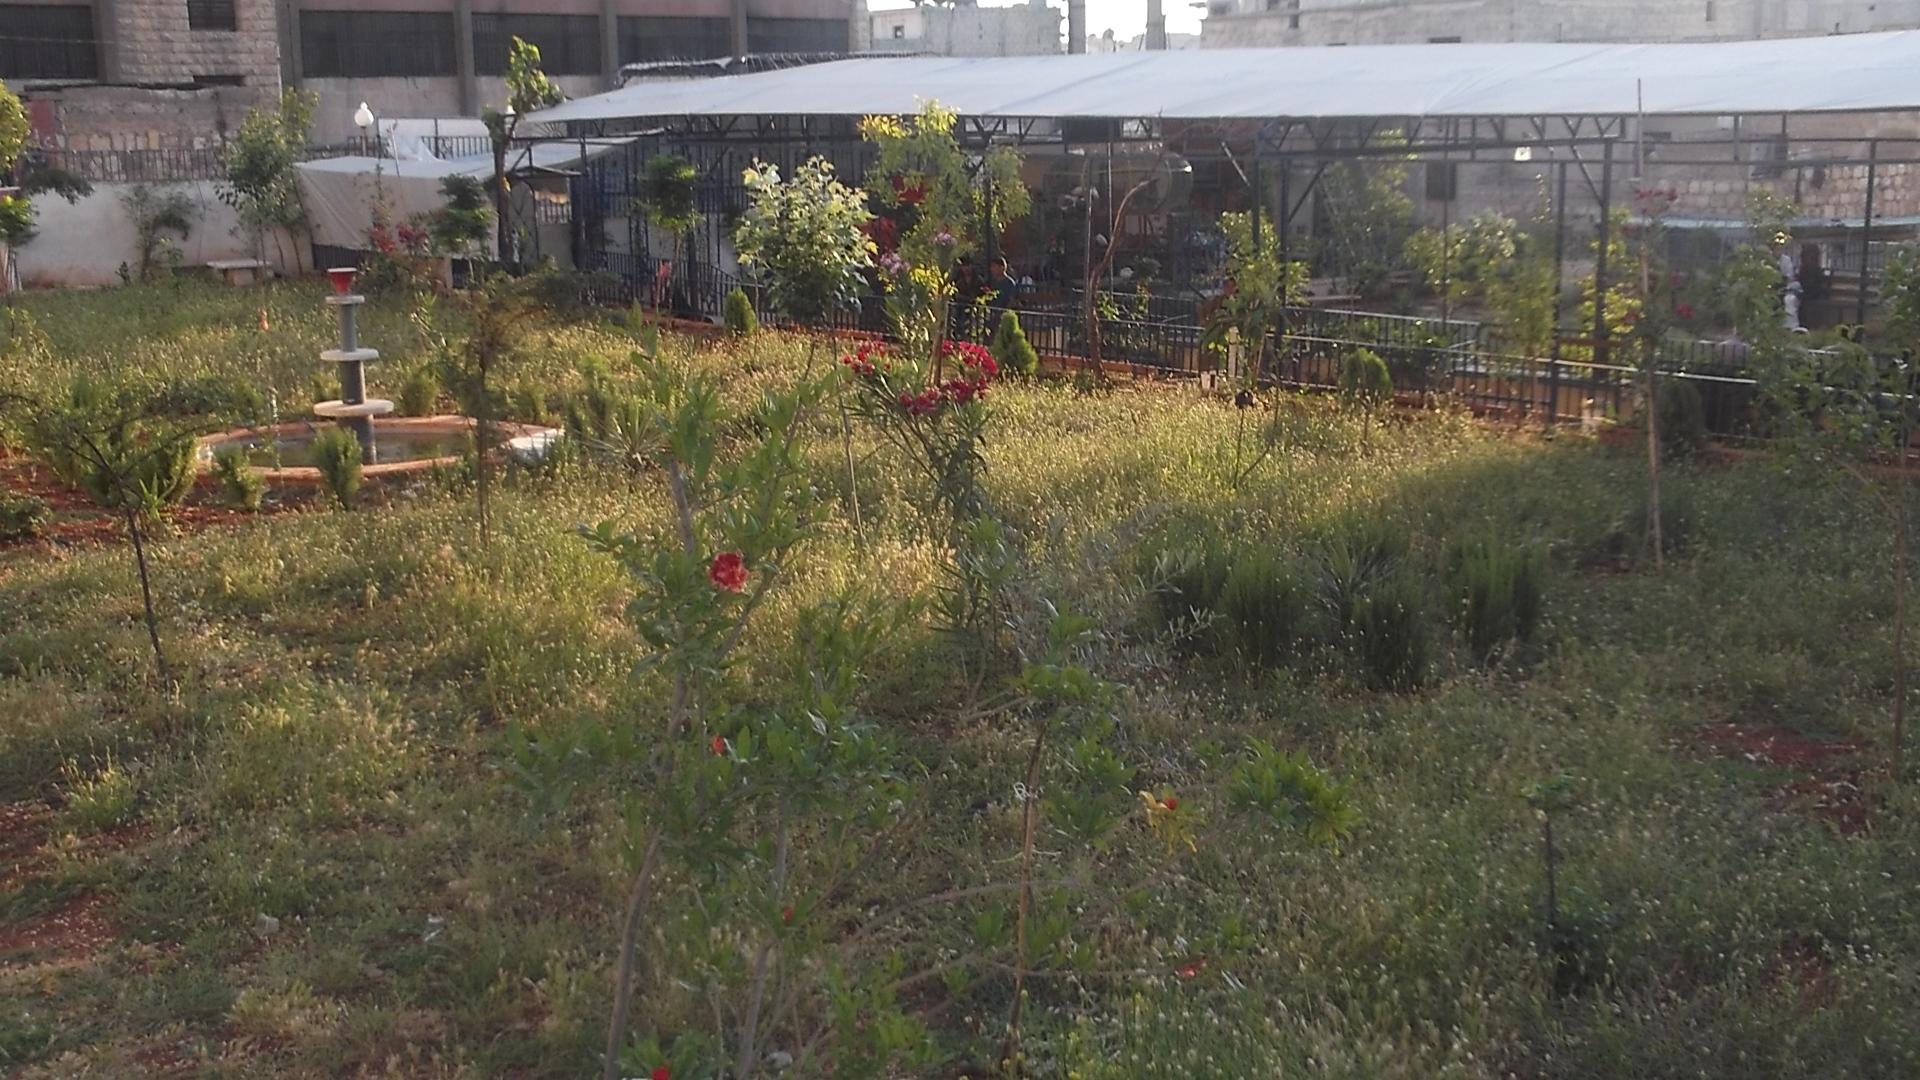 Destino recreativo Parque Arin Mirkan... en medio de la destrucción